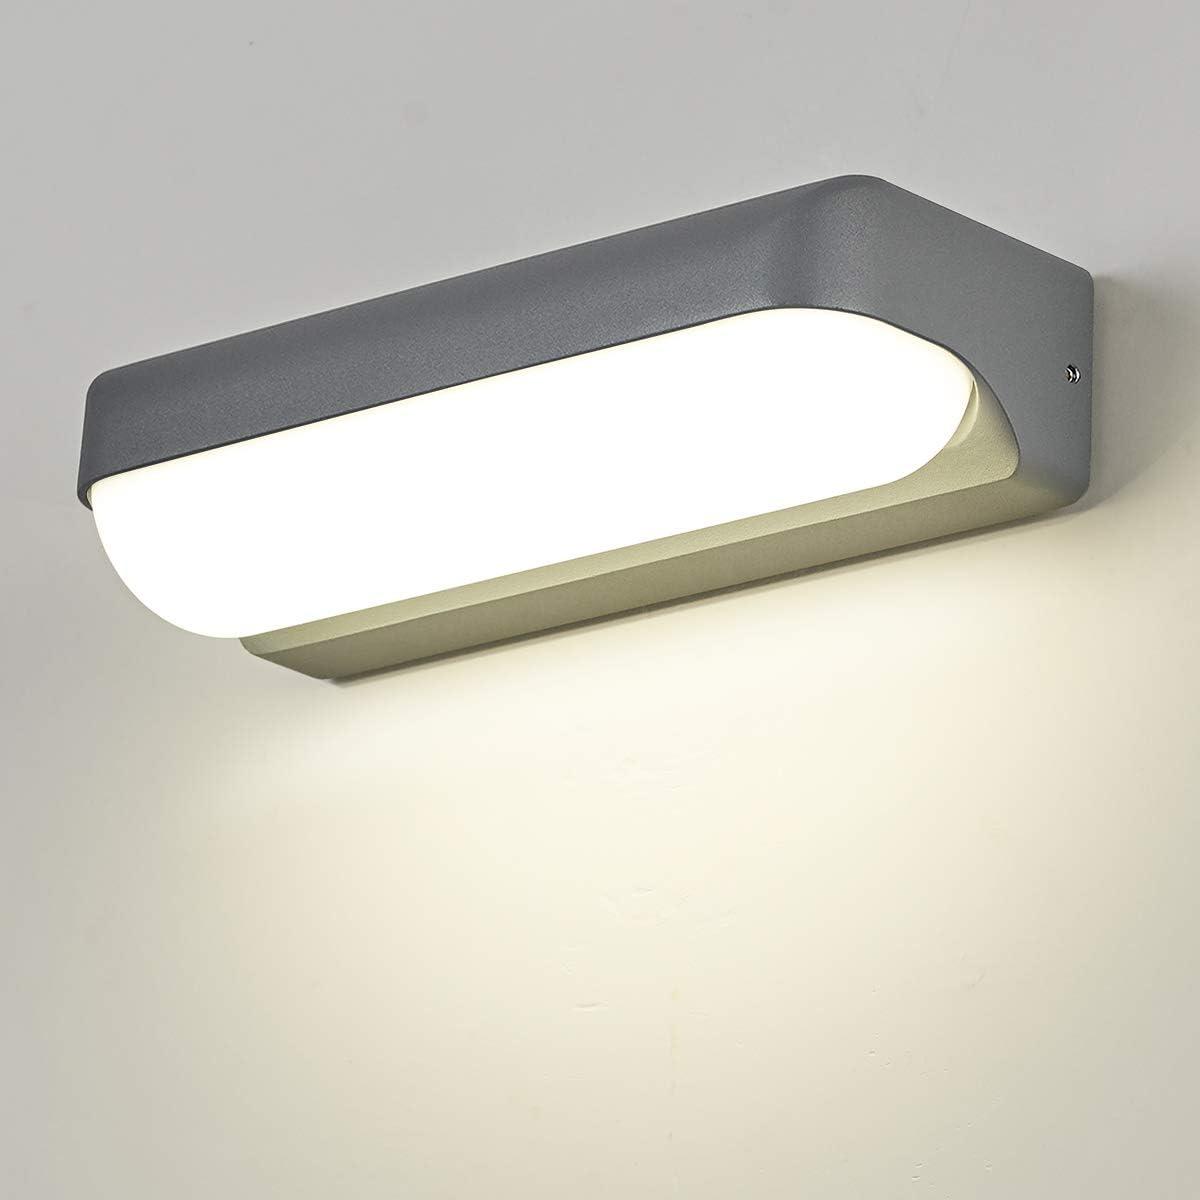 Dr.lazy 12W LED lámpara de pared LED impermeable IP65 moderno Focos de pared aluminio apliques Bañadores de pared Apliques de exterior/Interior Blanco Neutra 4000K (Gris/Blanco Neutra)